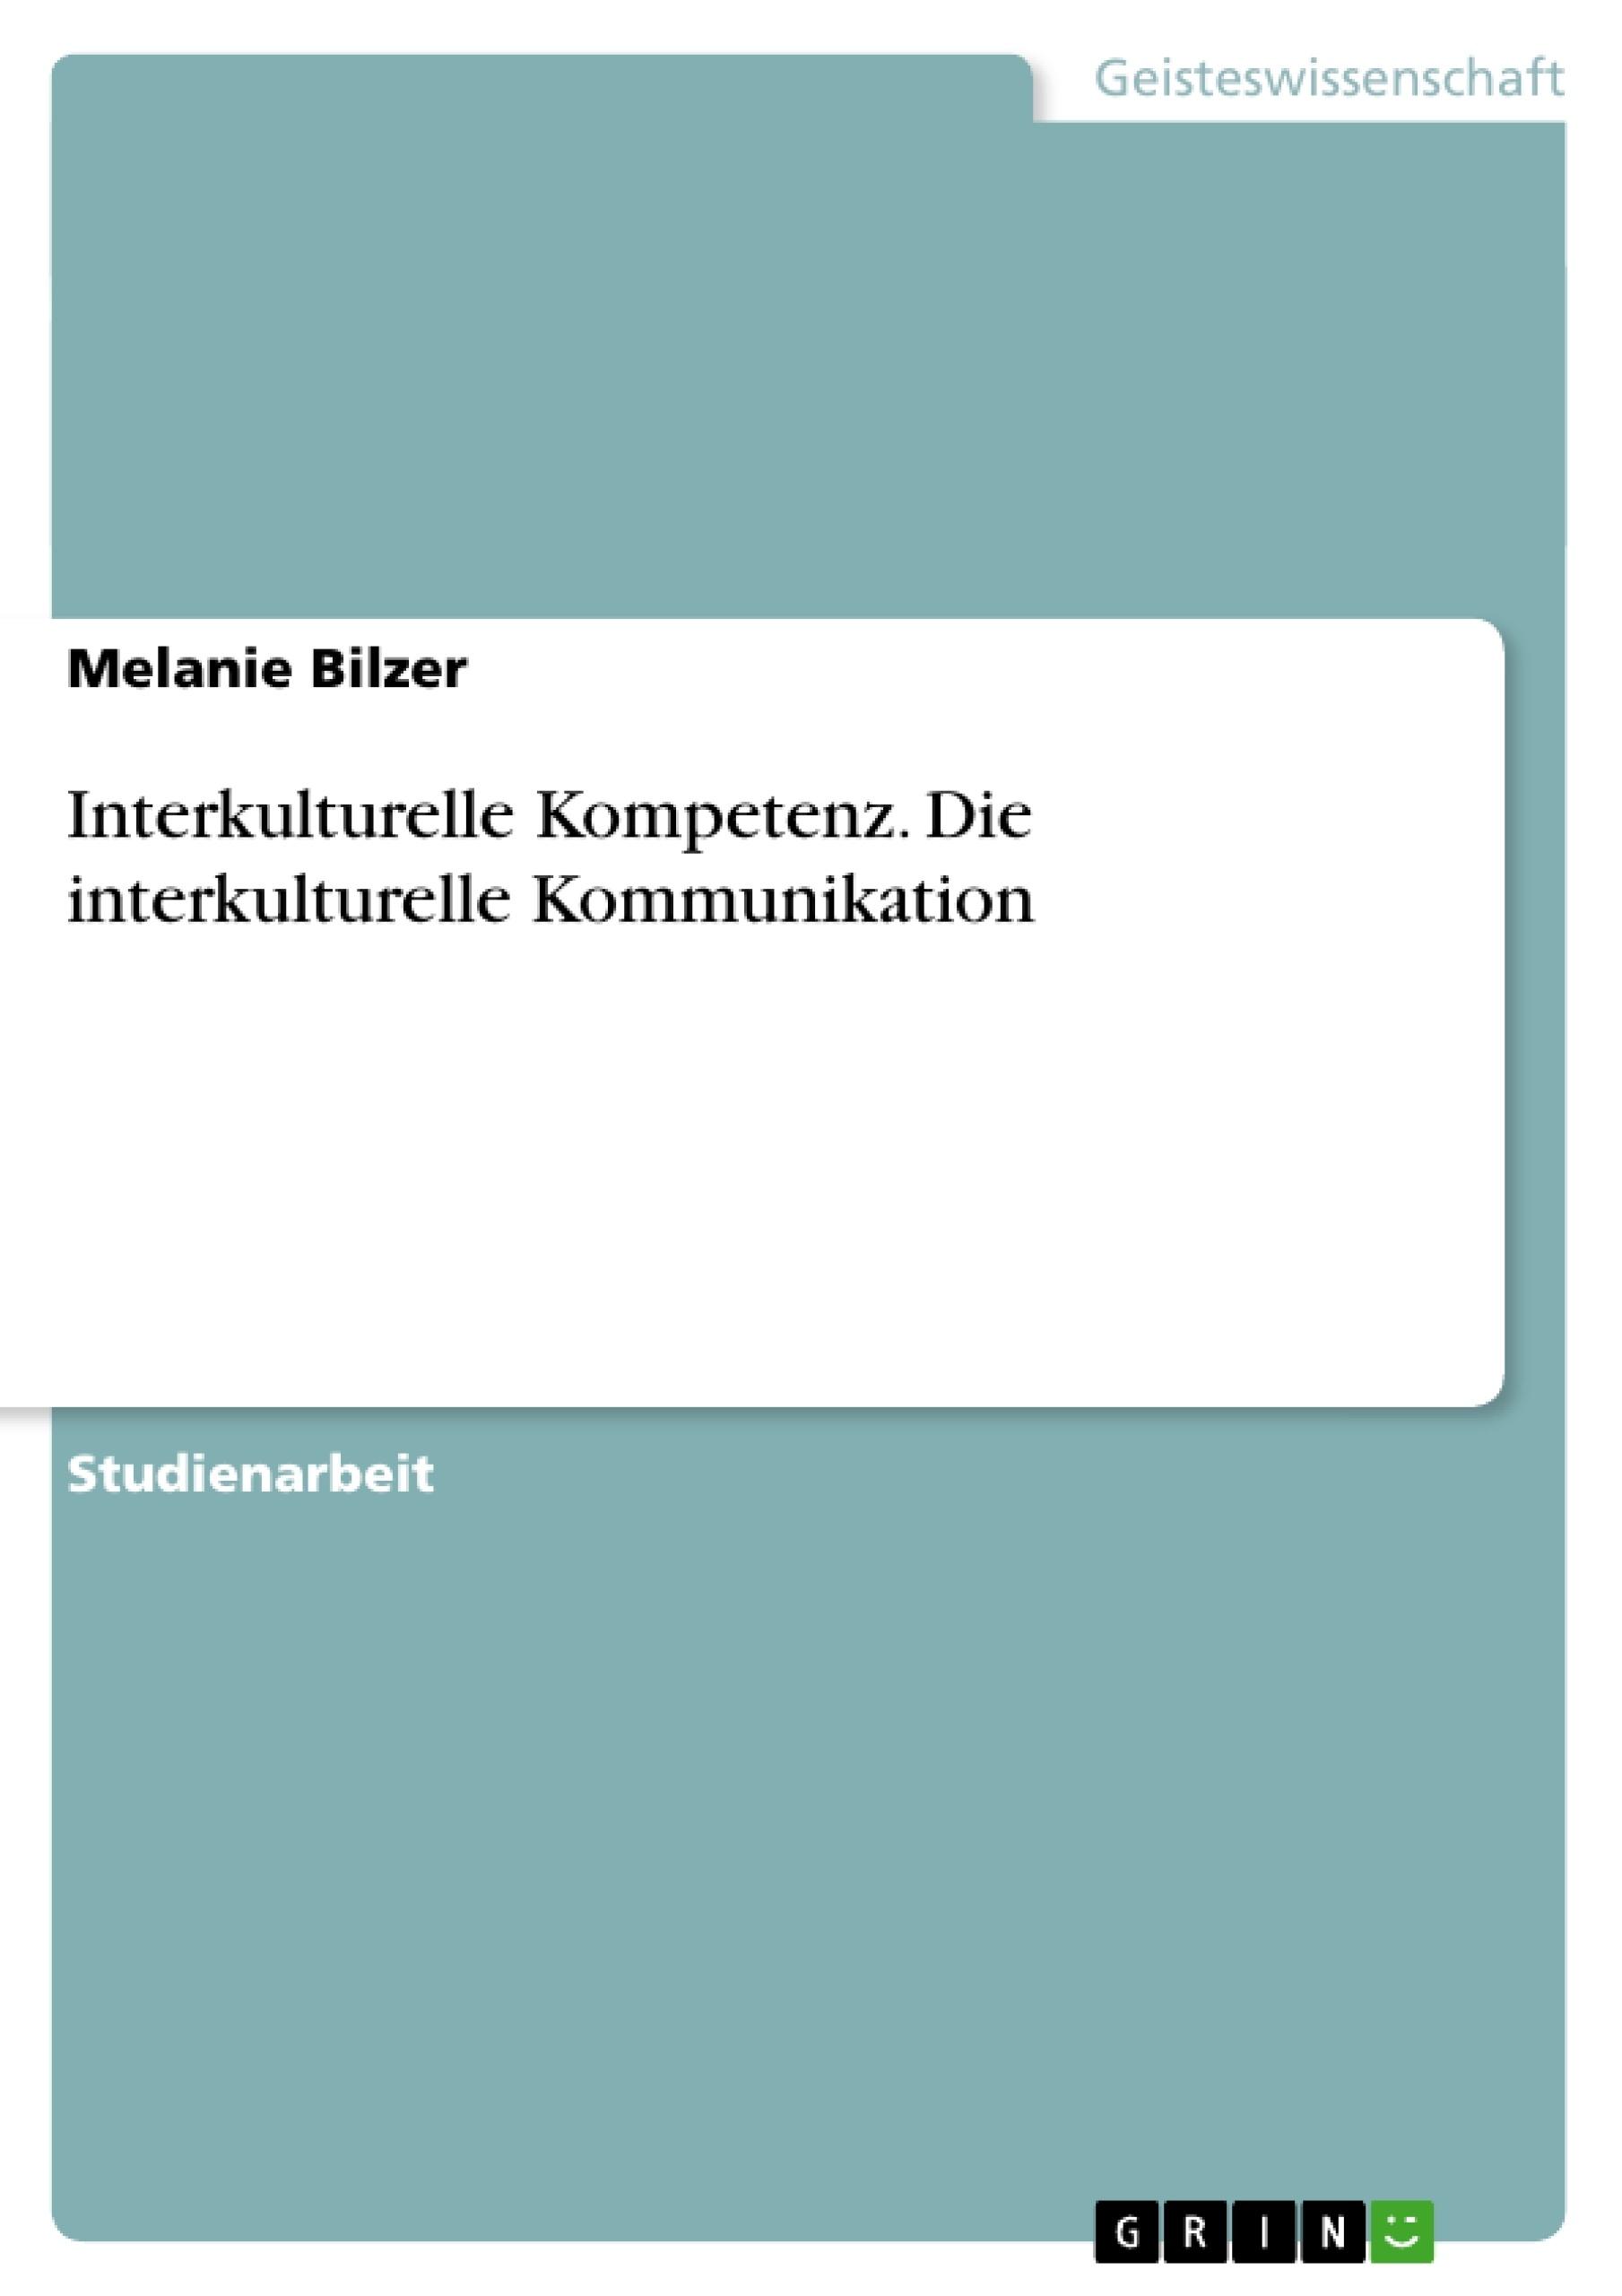 Titel: Interkulturelle Kompetenz. Die interkulturelle Kommunikation